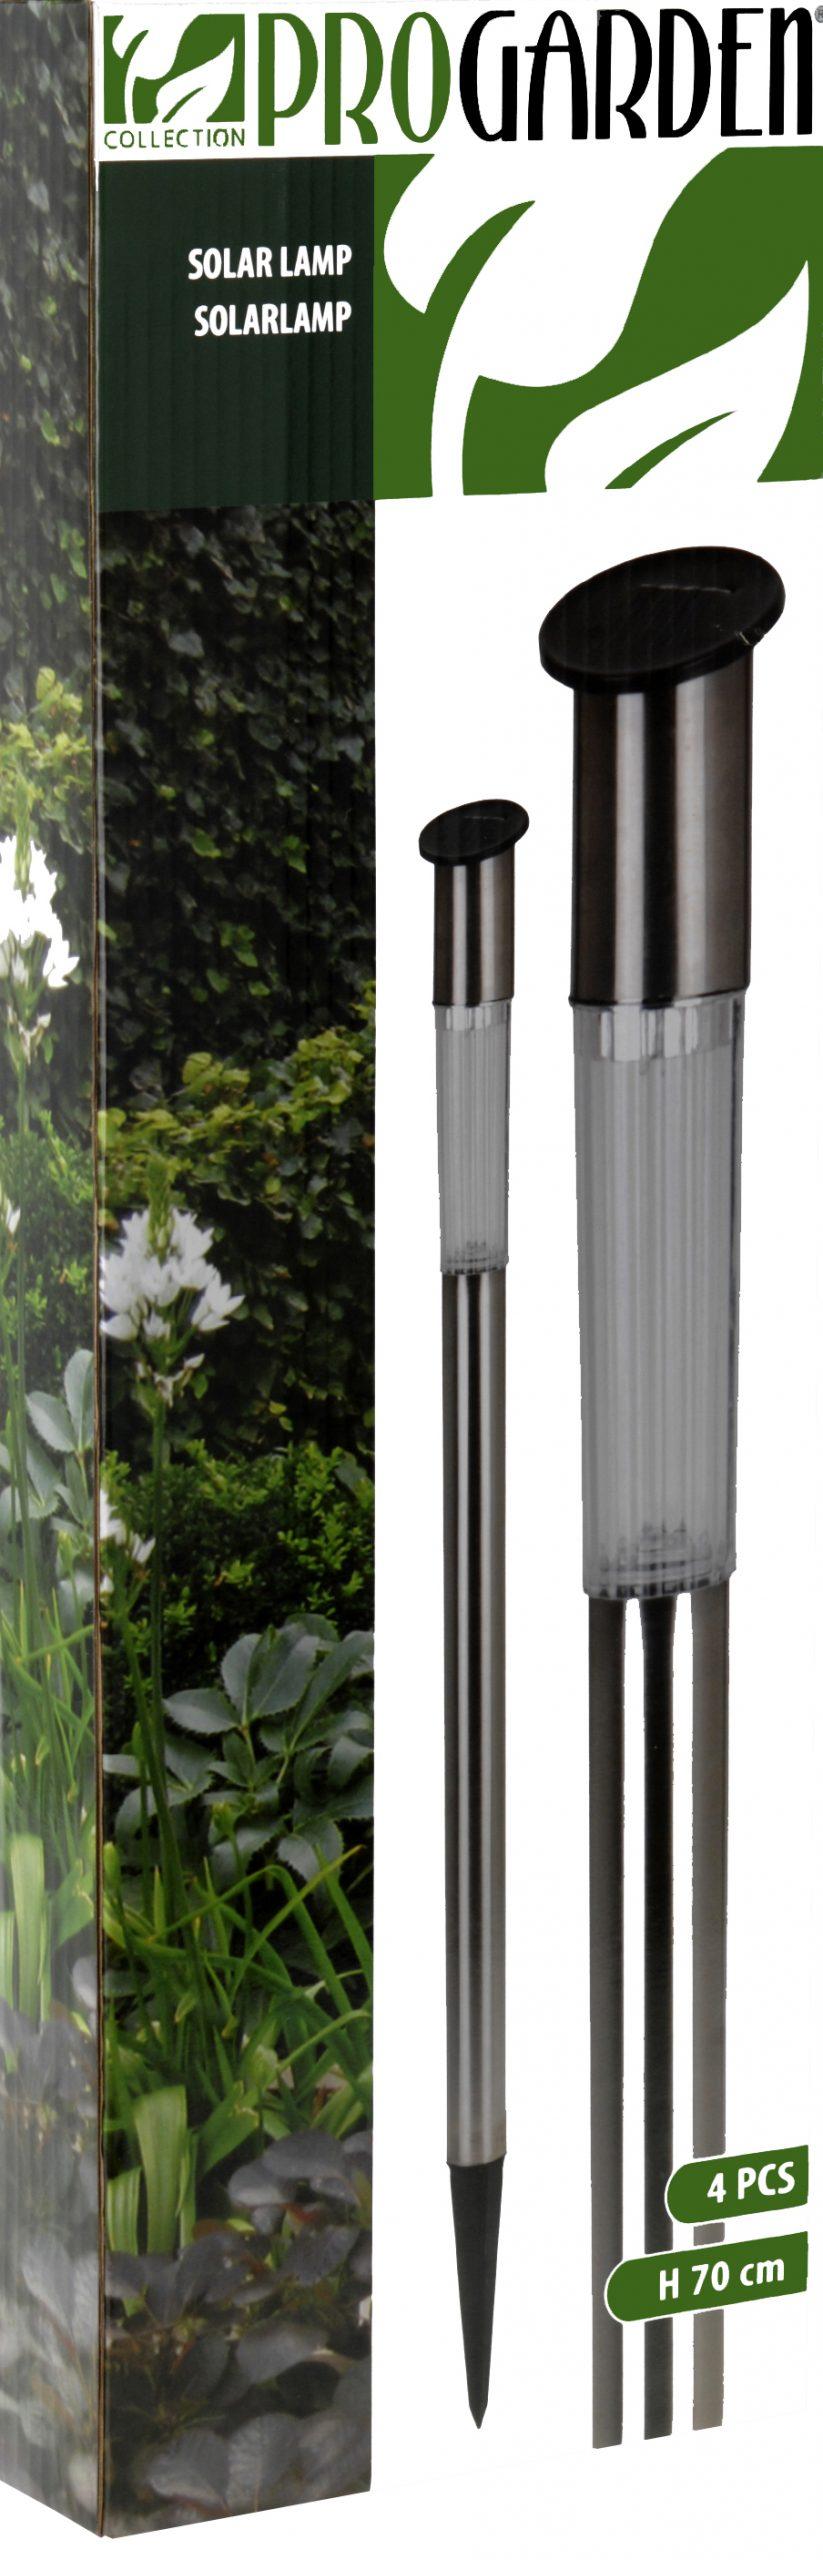 ProGarden Set van 4 RVS solarlampen (70cm)